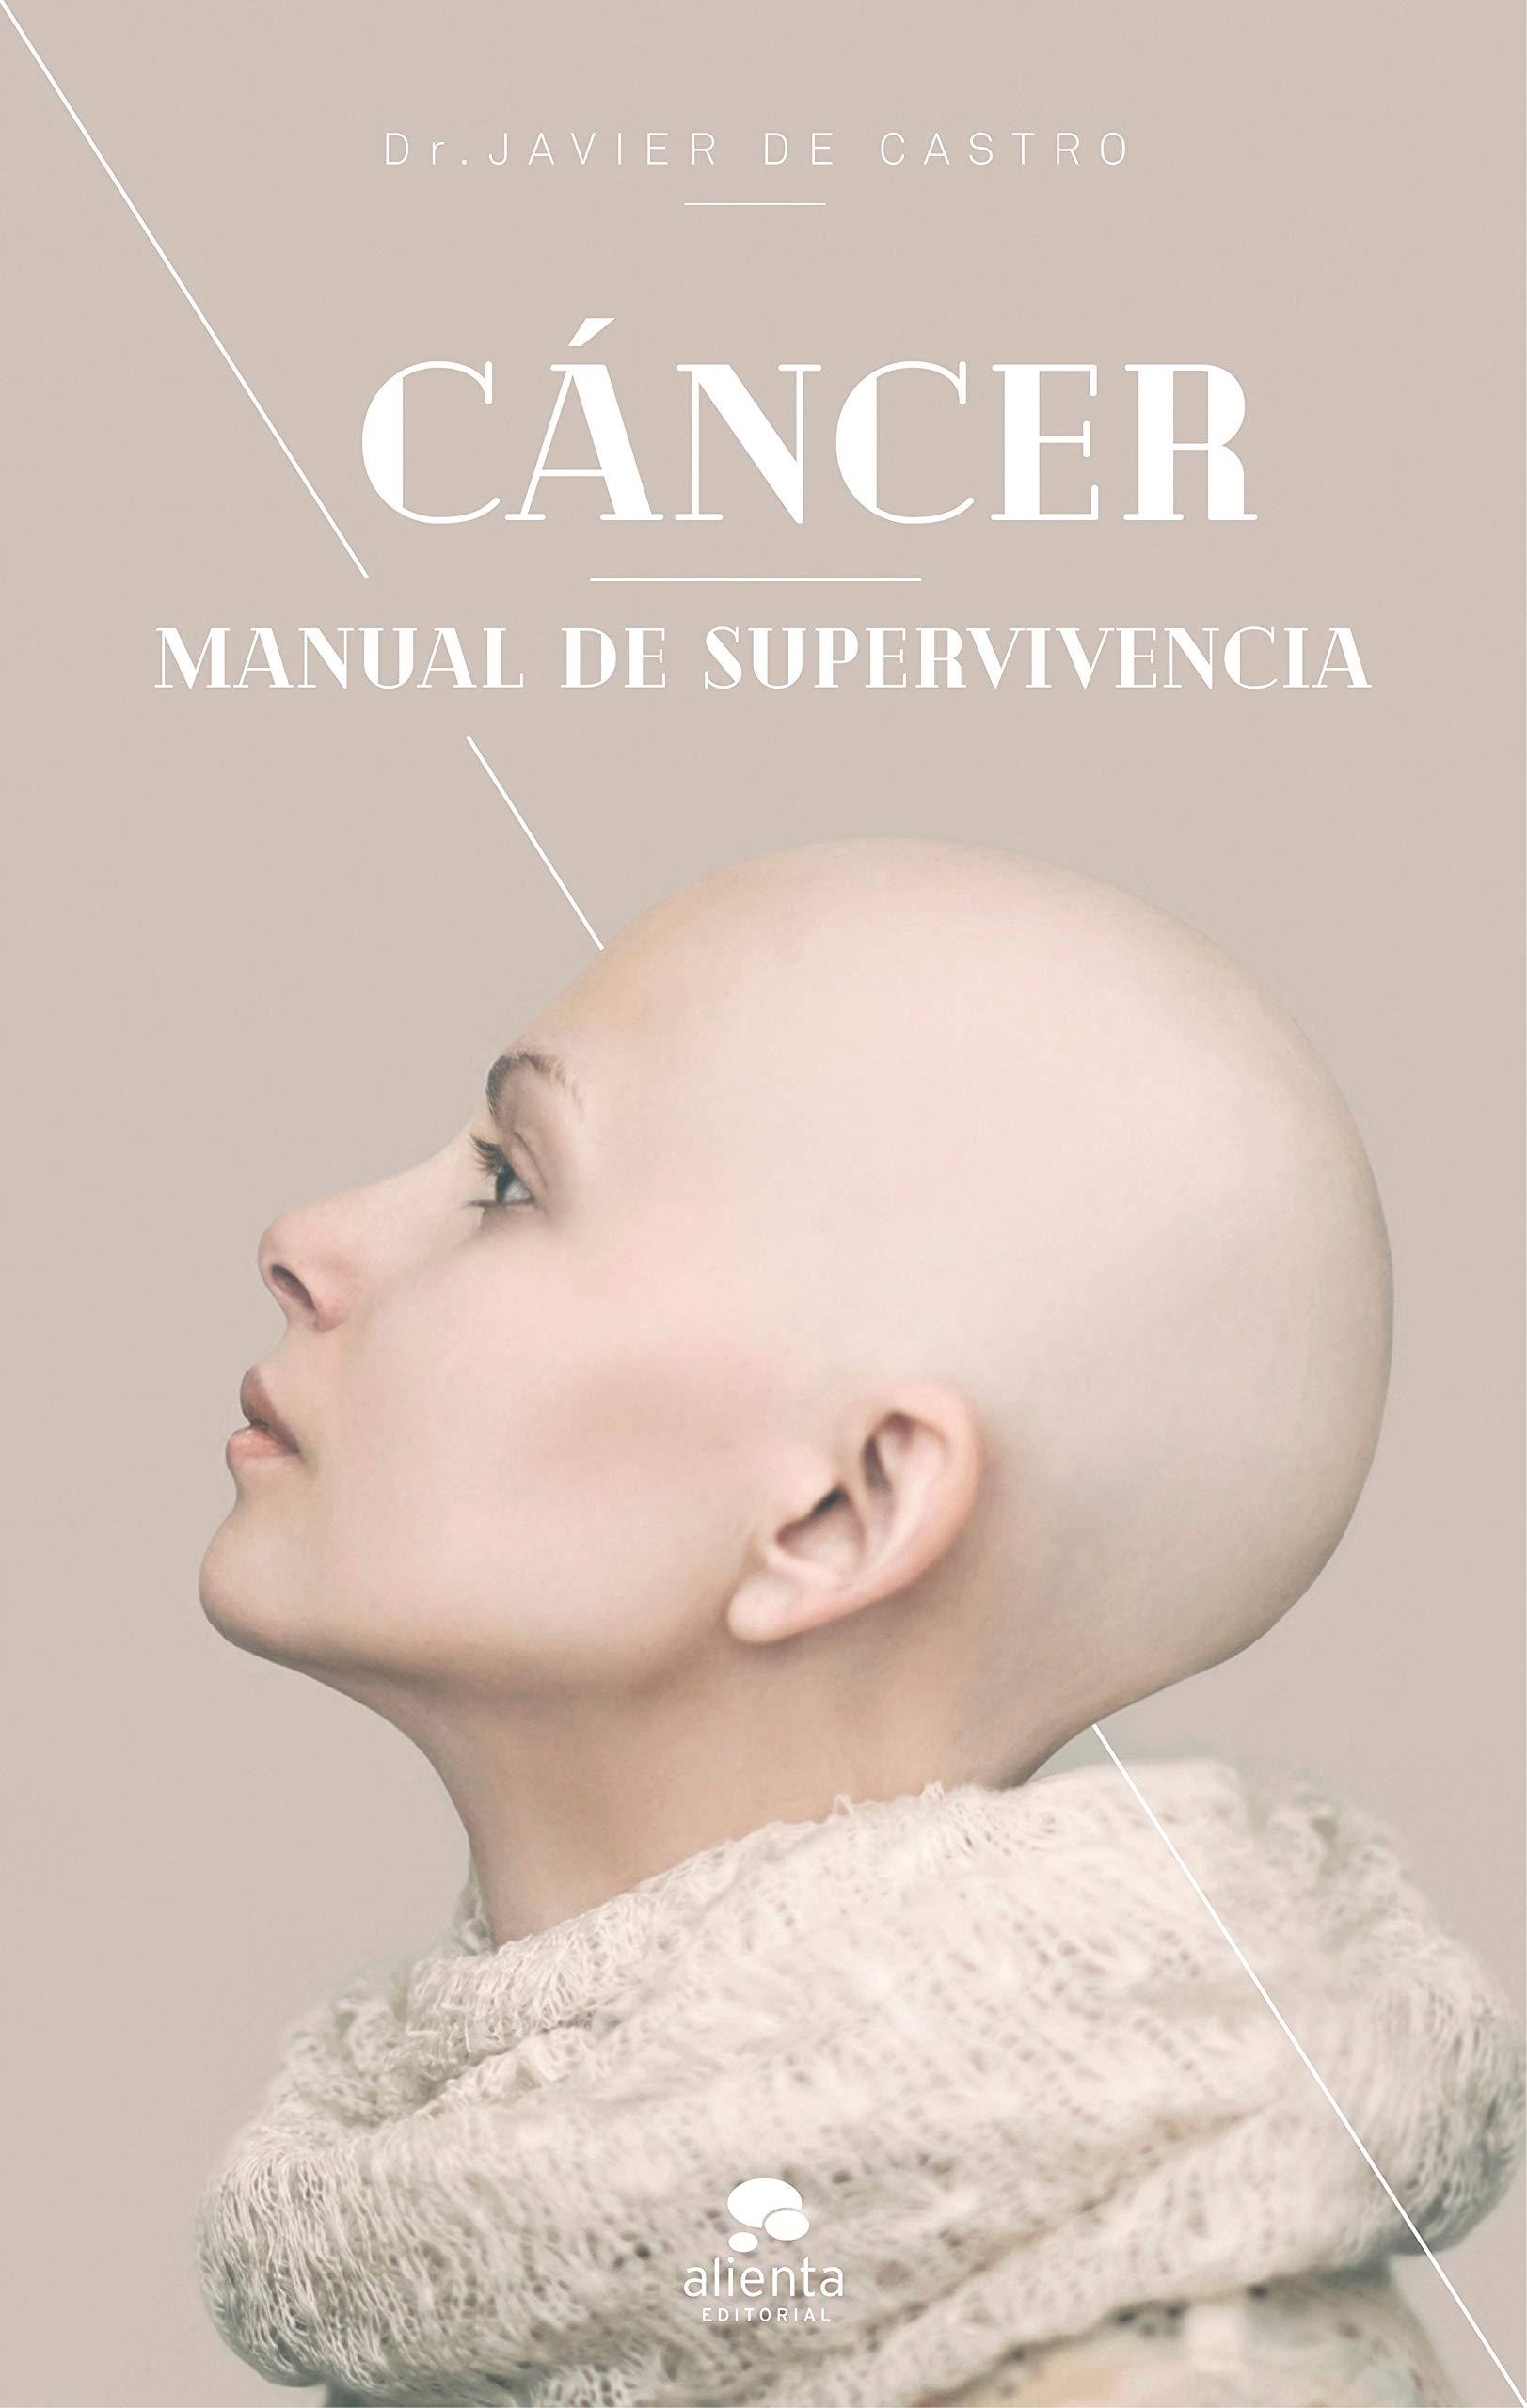 Cáncer: Manual de supervivencia (Sin colección): Amazon.es: Castro, Javier de: Libros